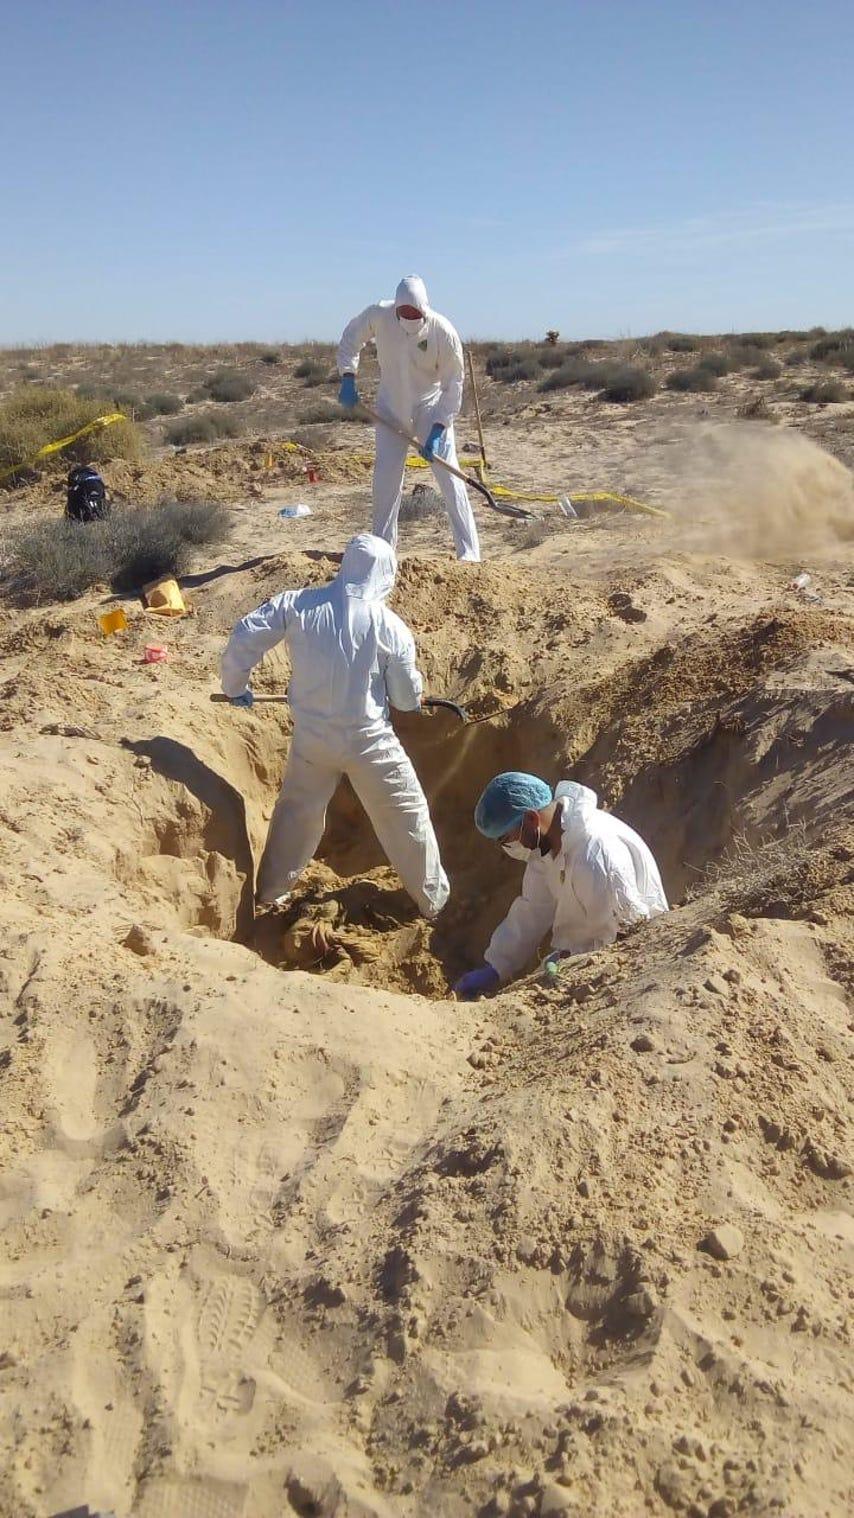 墨西哥度假胜地附近又挖出10具遗体受害者达52人